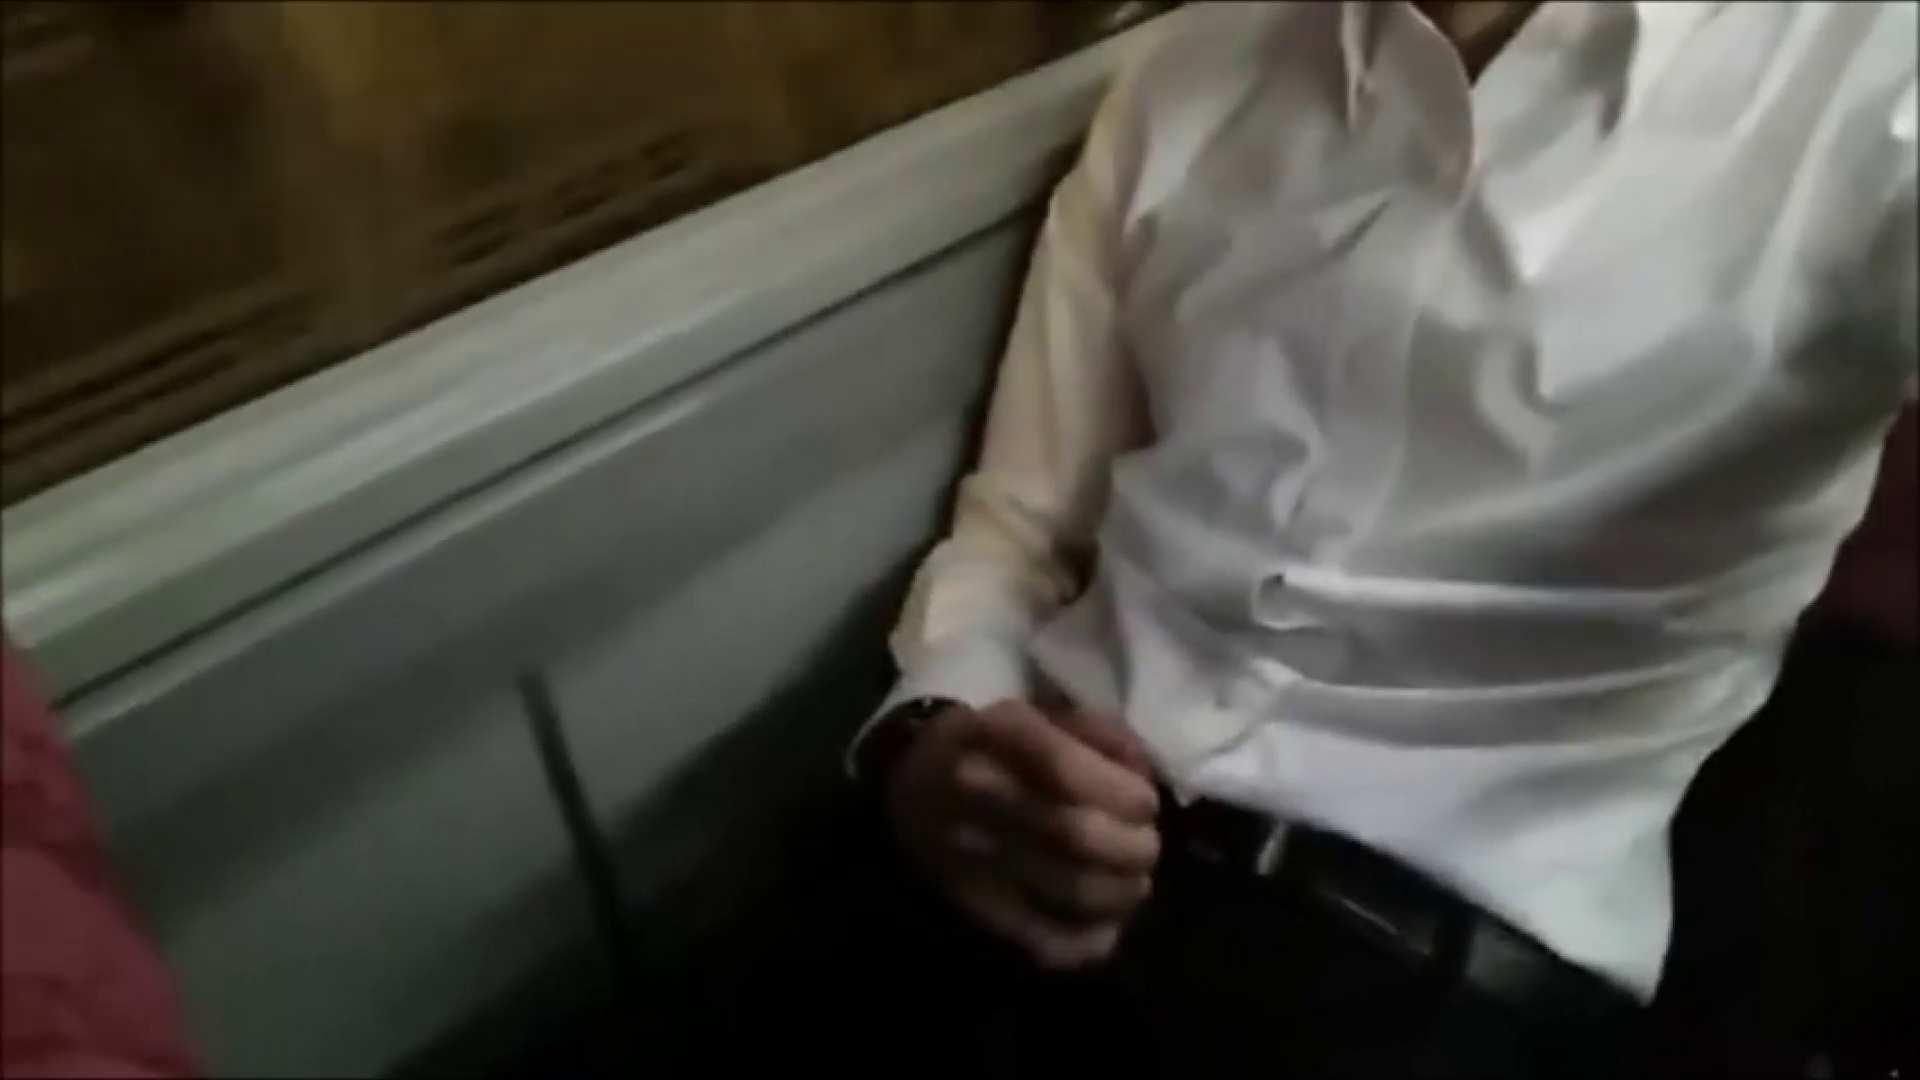 巨根 オナニー塾Vol.13 野外露出 ゲイ素人エロ画像 102枚 44